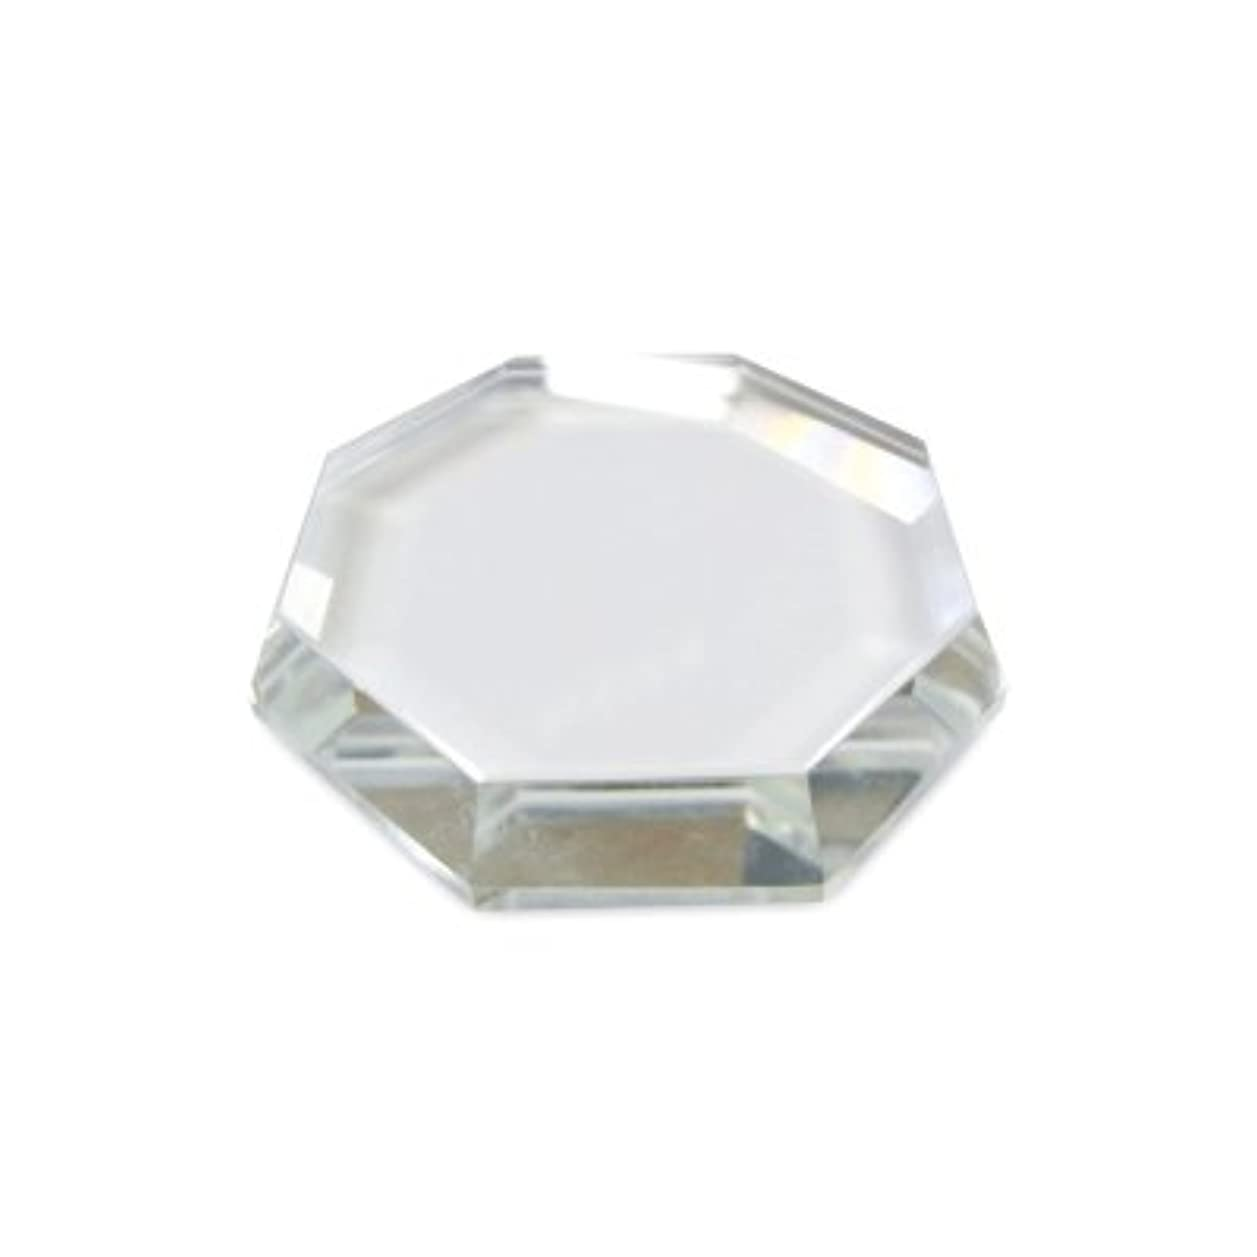 囲い眠っている考えた[まつげエクステ]クリスタルグループレート〈ガラス製〉八角形 55mm